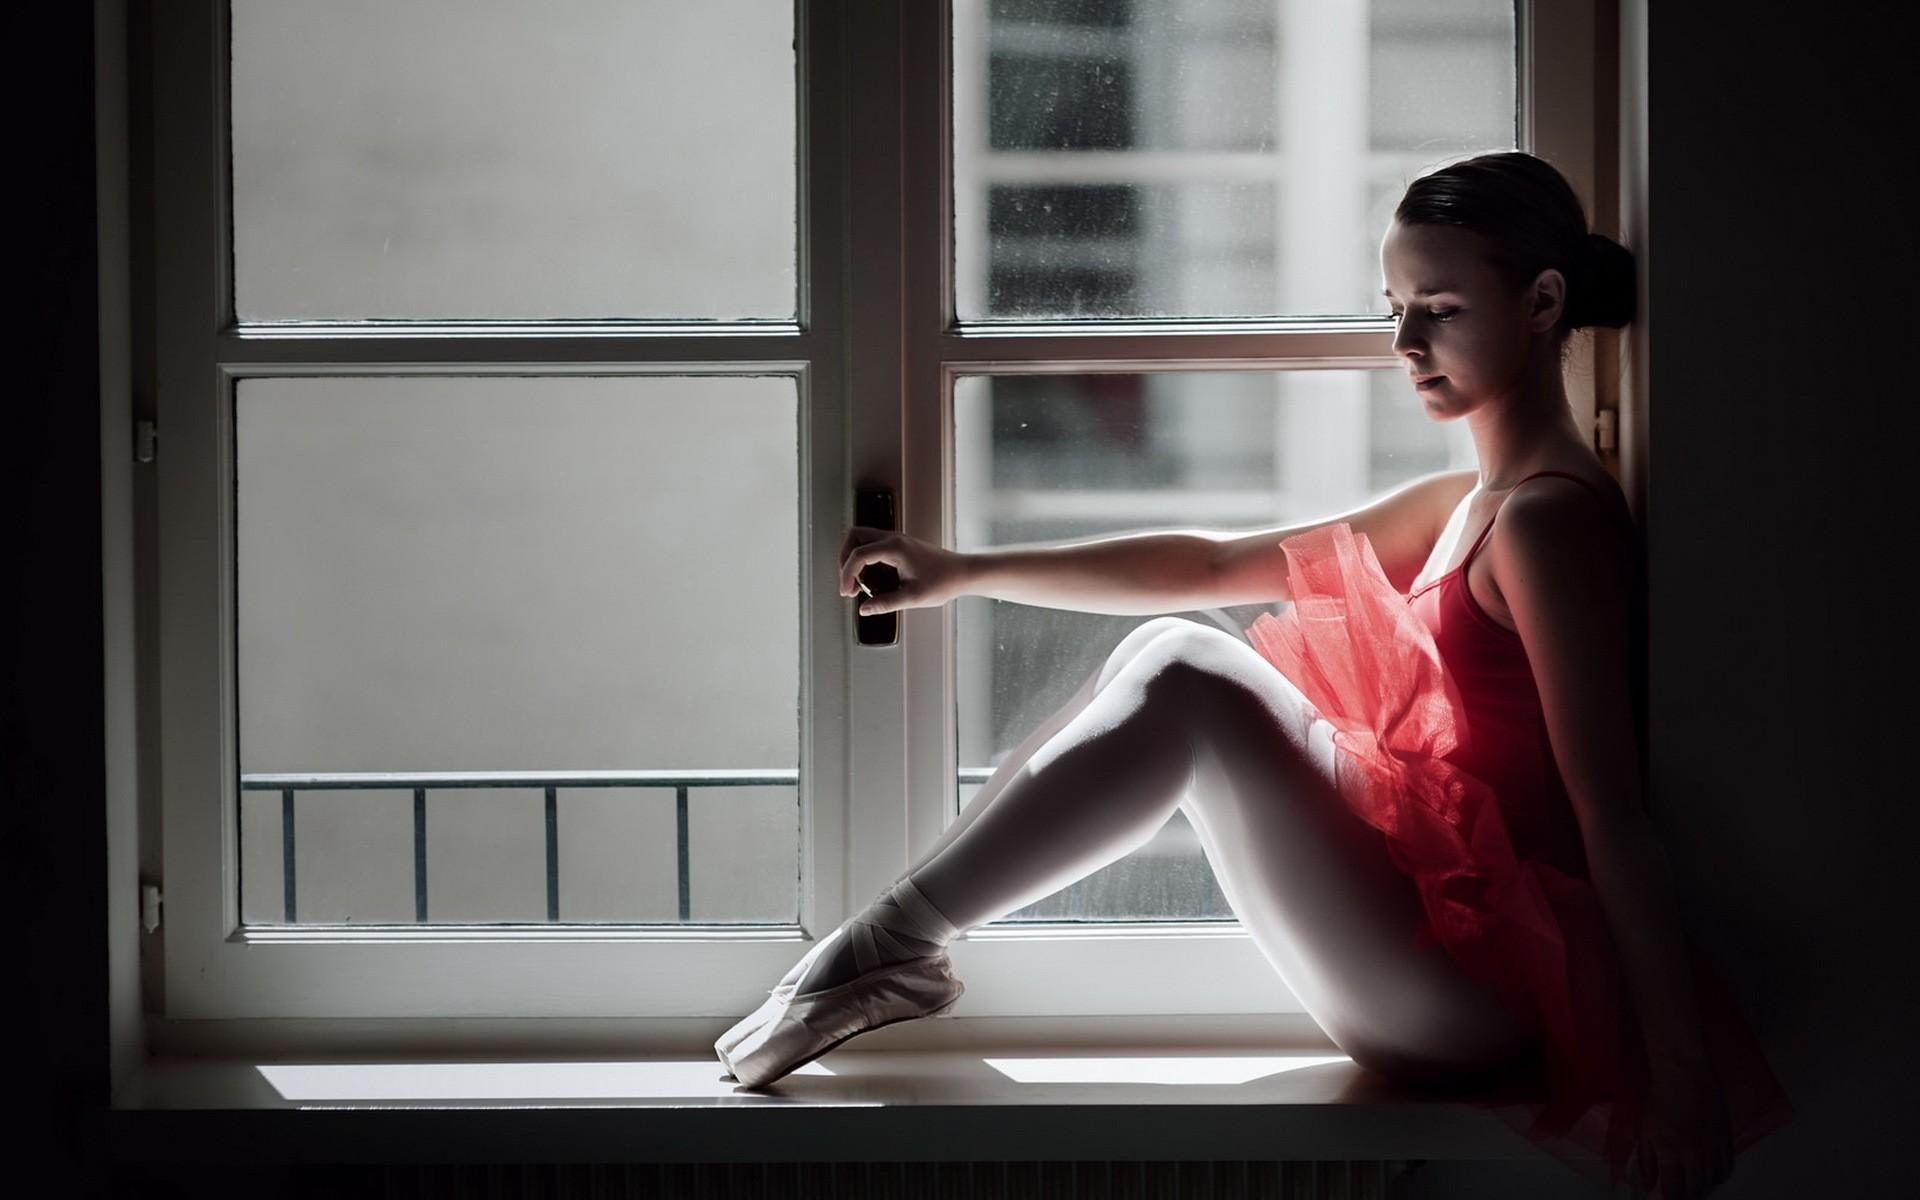 танцующая у окна девушка голове